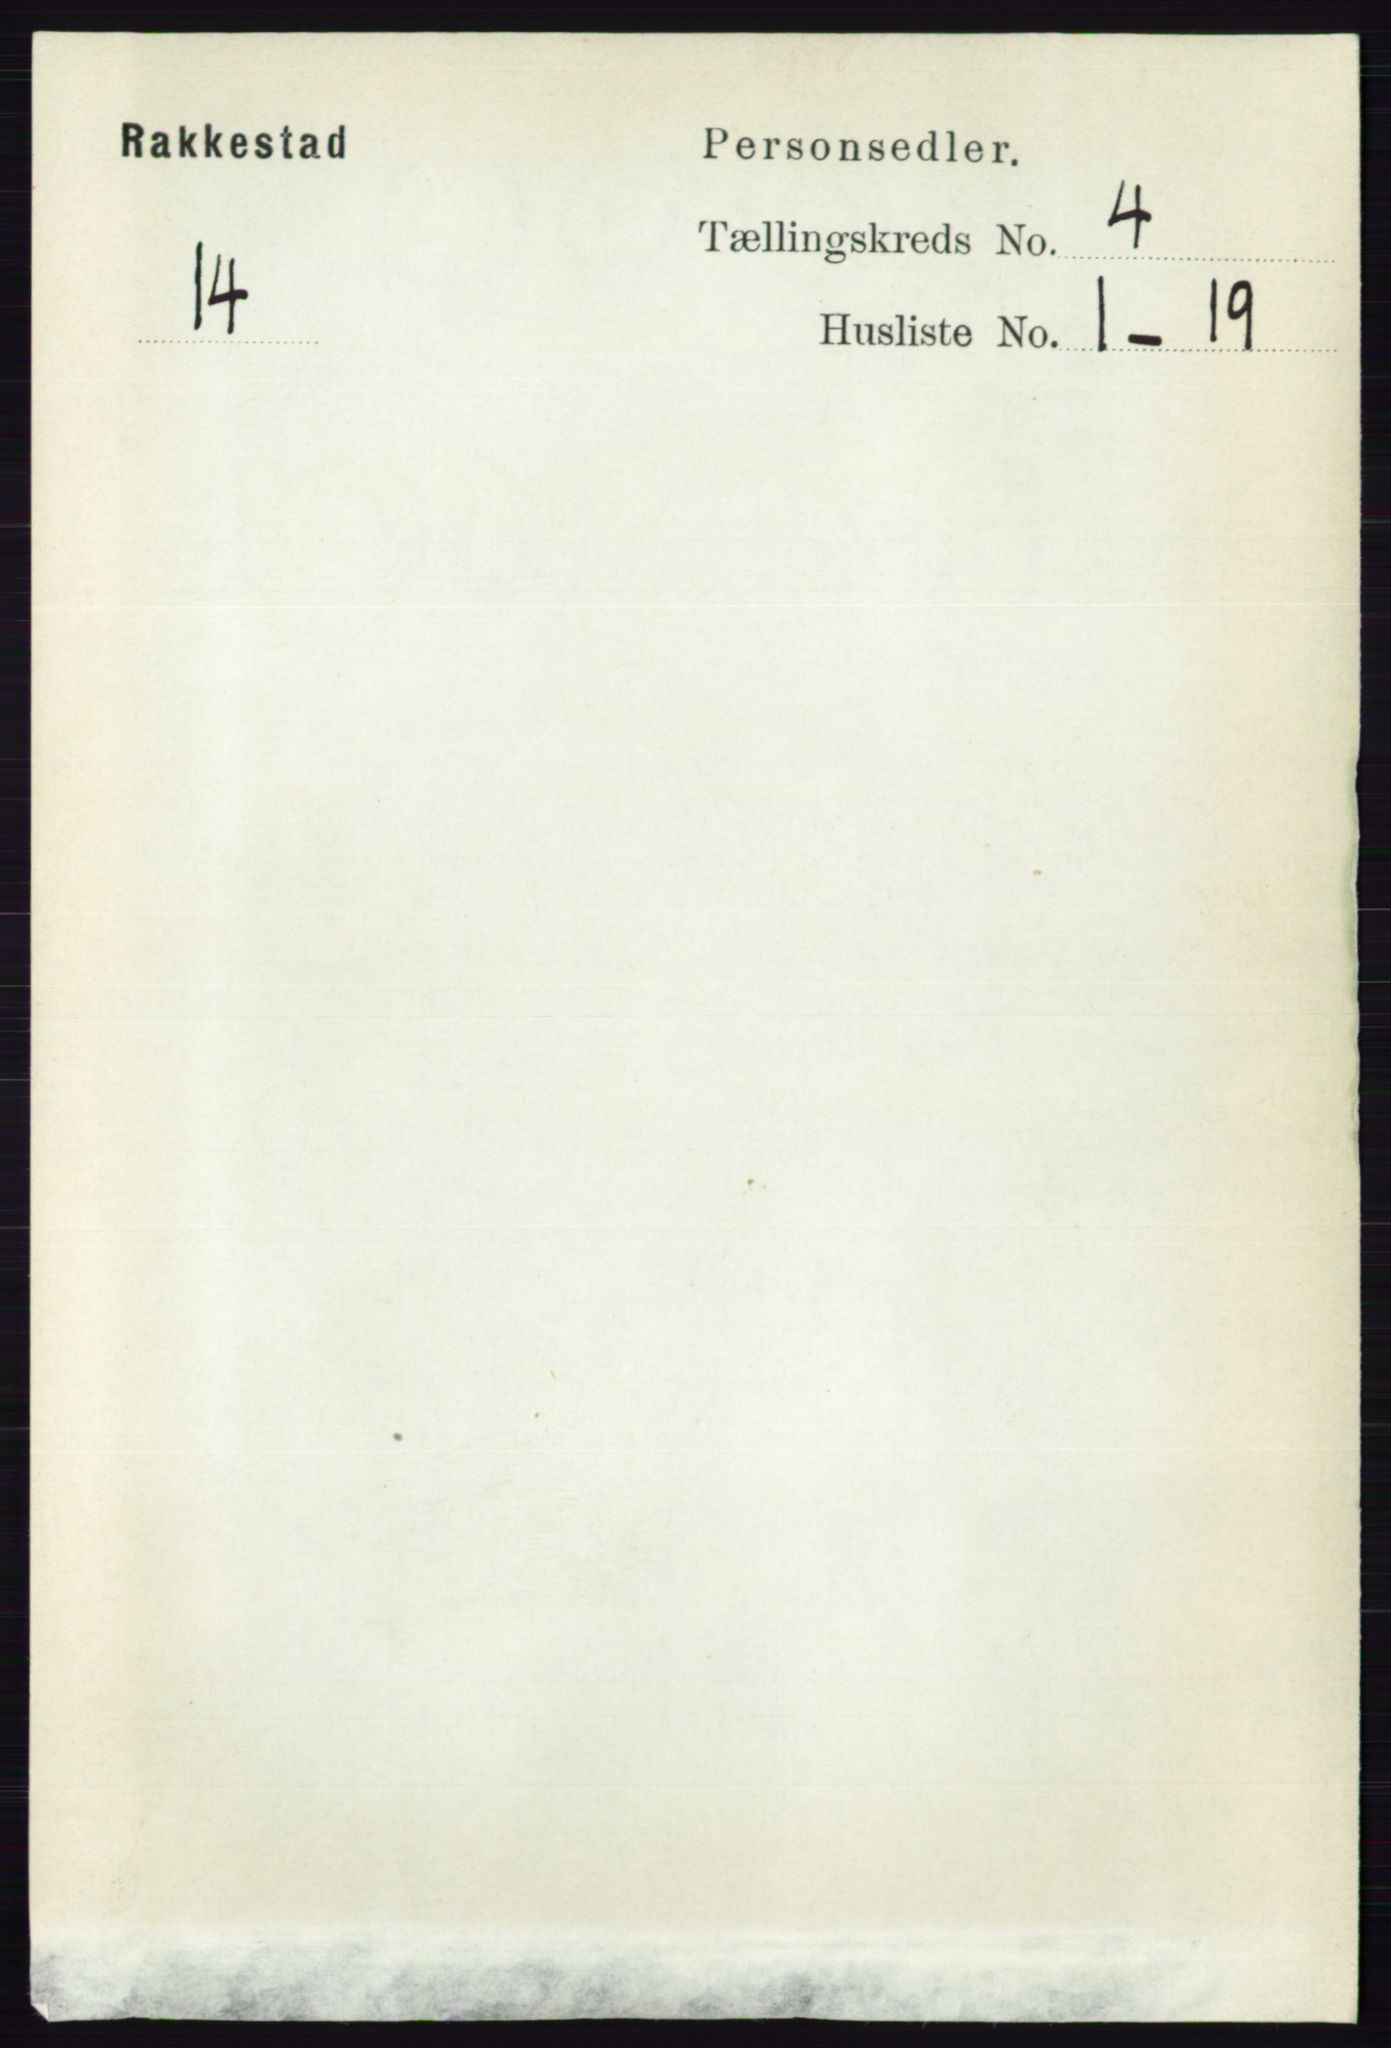 RA, Folketelling 1891 for 0128 Rakkestad herred, 1891, s. 1770